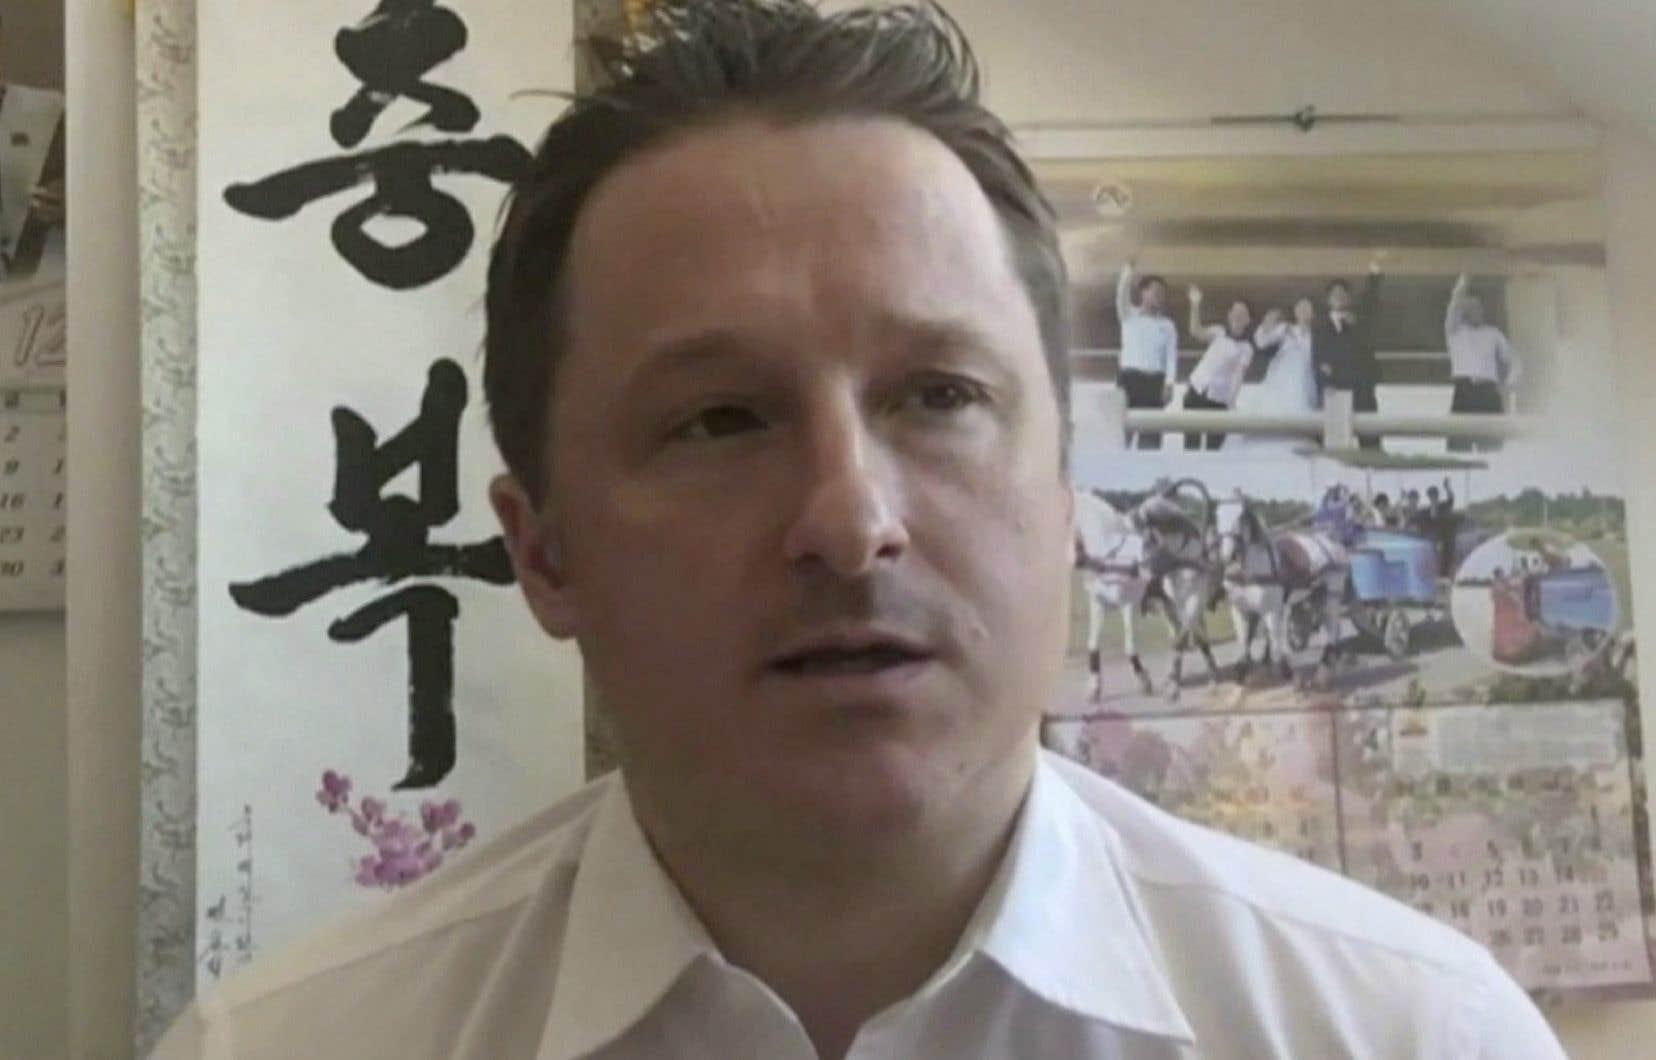 Michael Spavor estle deuxième Canadien arrêté cette semaine en Chine sur des soupçons de menace à la «sécurité nationale».